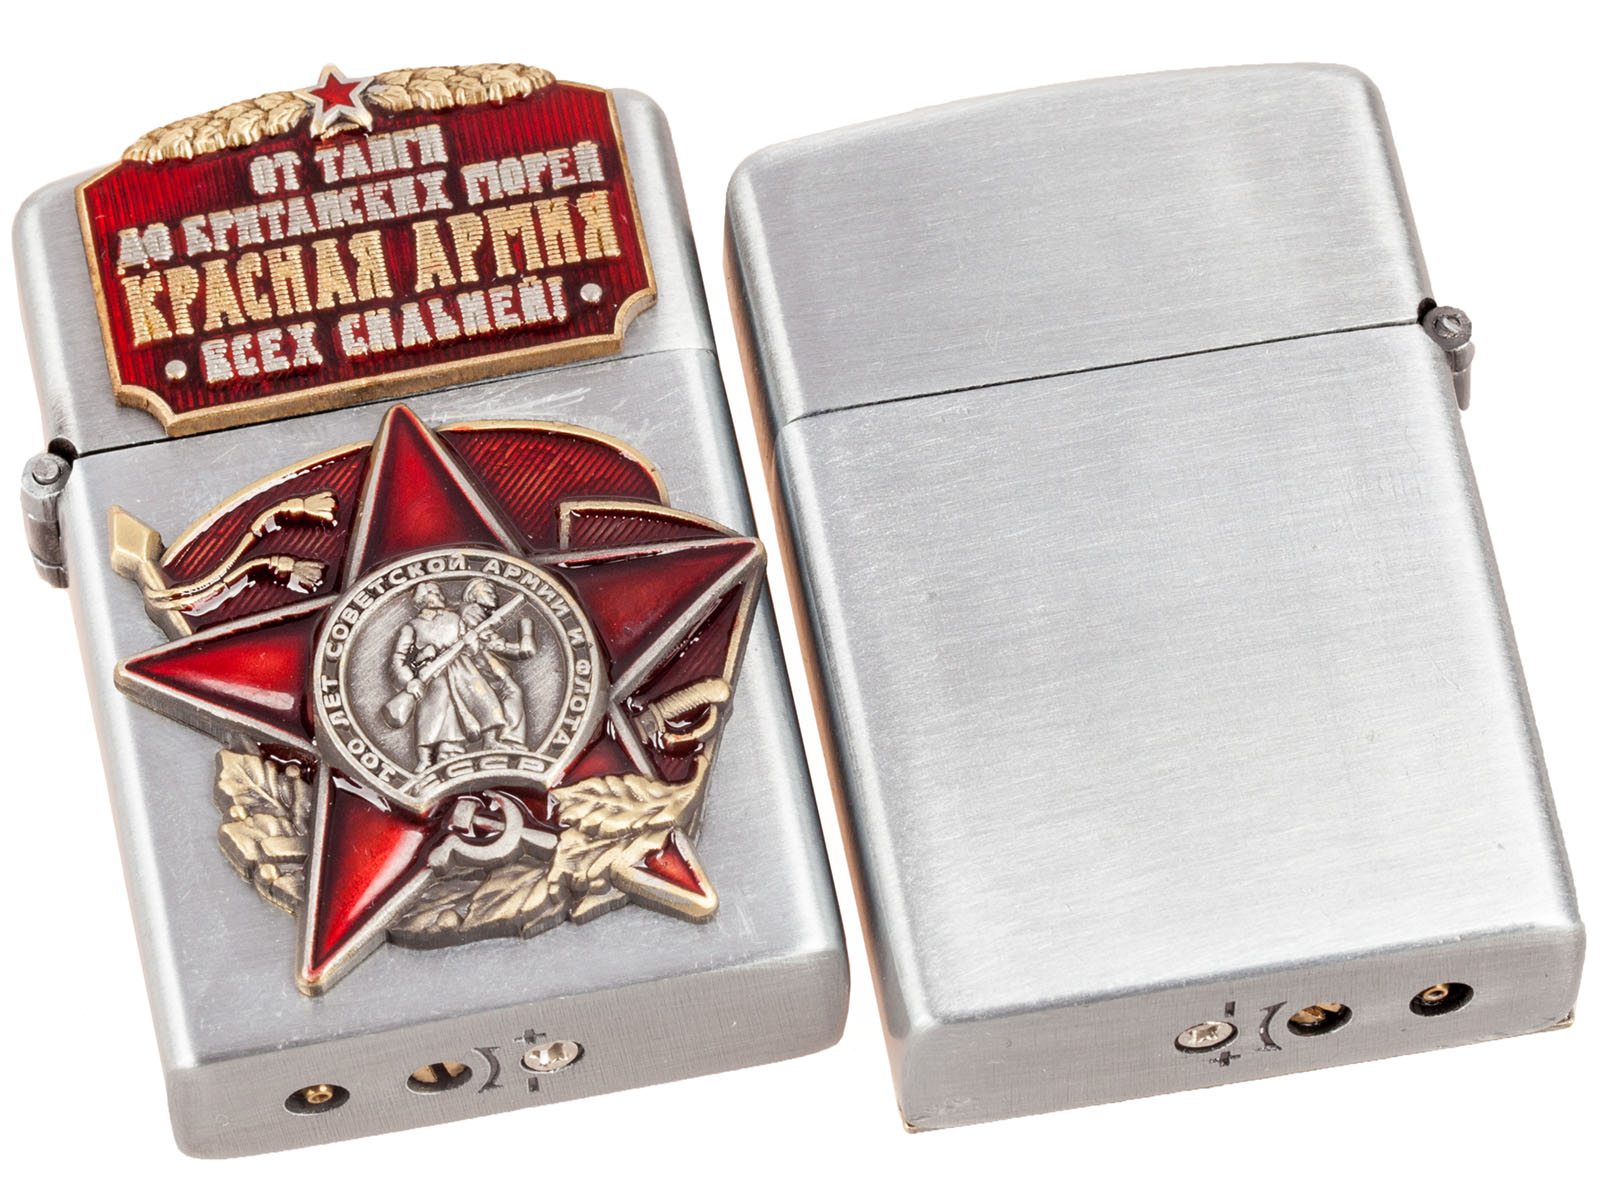 Подарочная зажигалка к 100-летию Советской Армии и Флота от Военпро